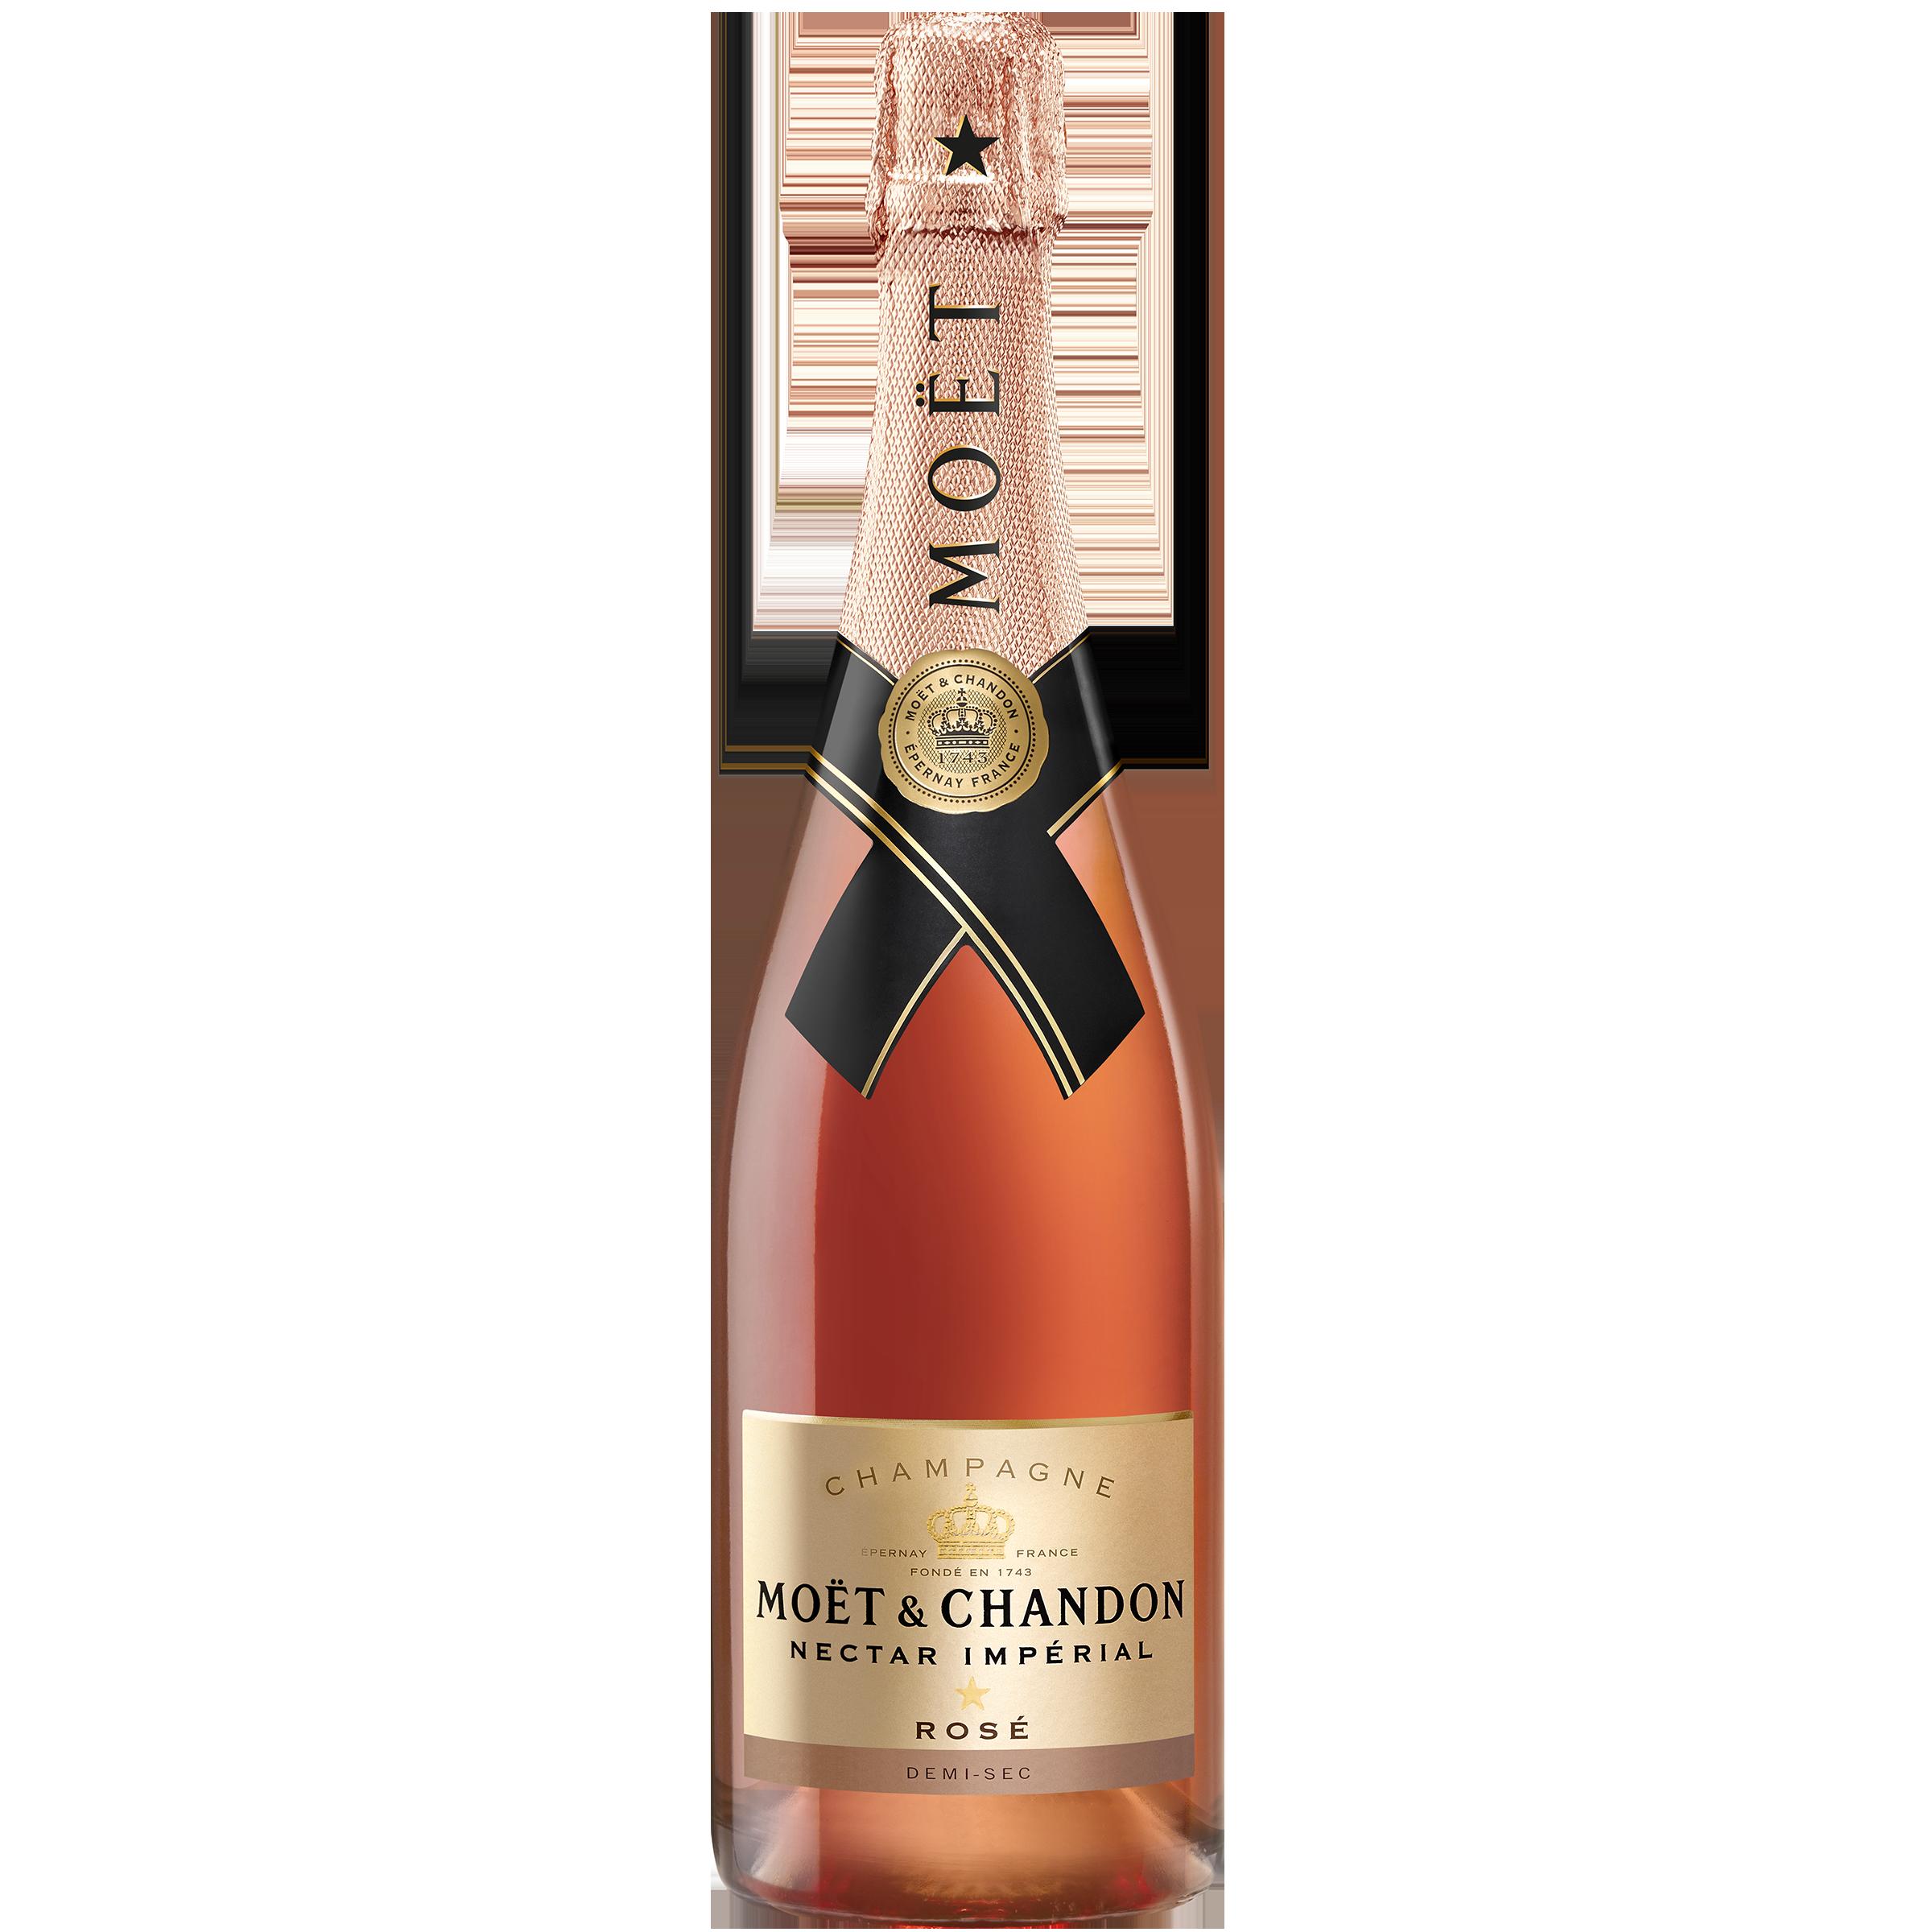 Moët & Chandon Nectar impérial Rosé Demi-Sec 75CL